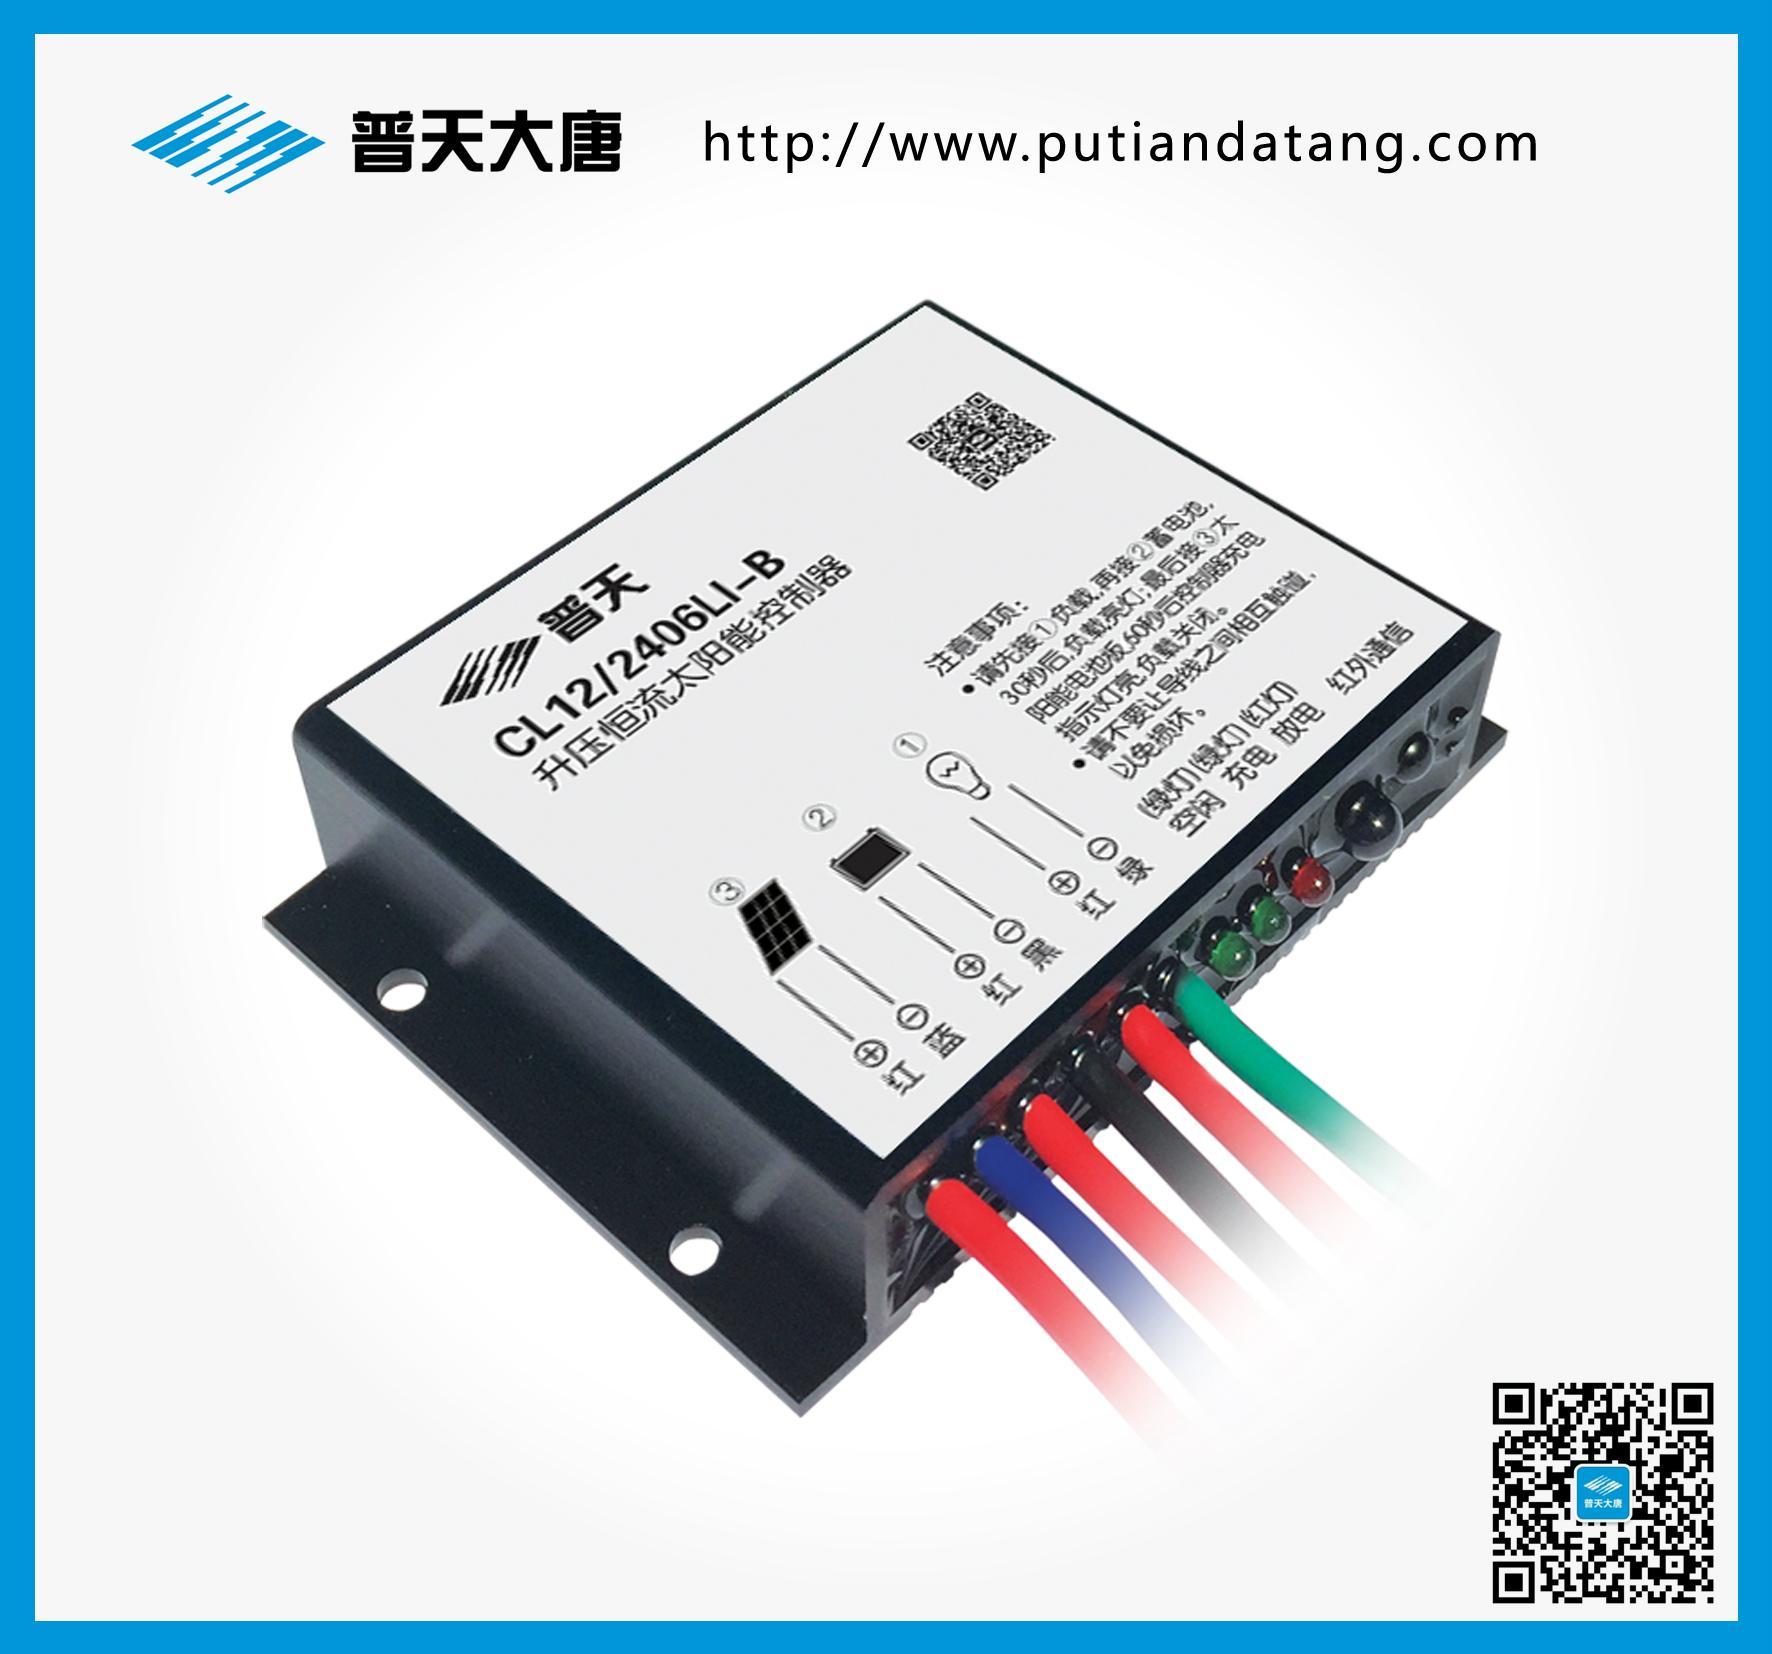 南京普天大唐升压恒流太阳能控制器CL12/2406LI-B 1